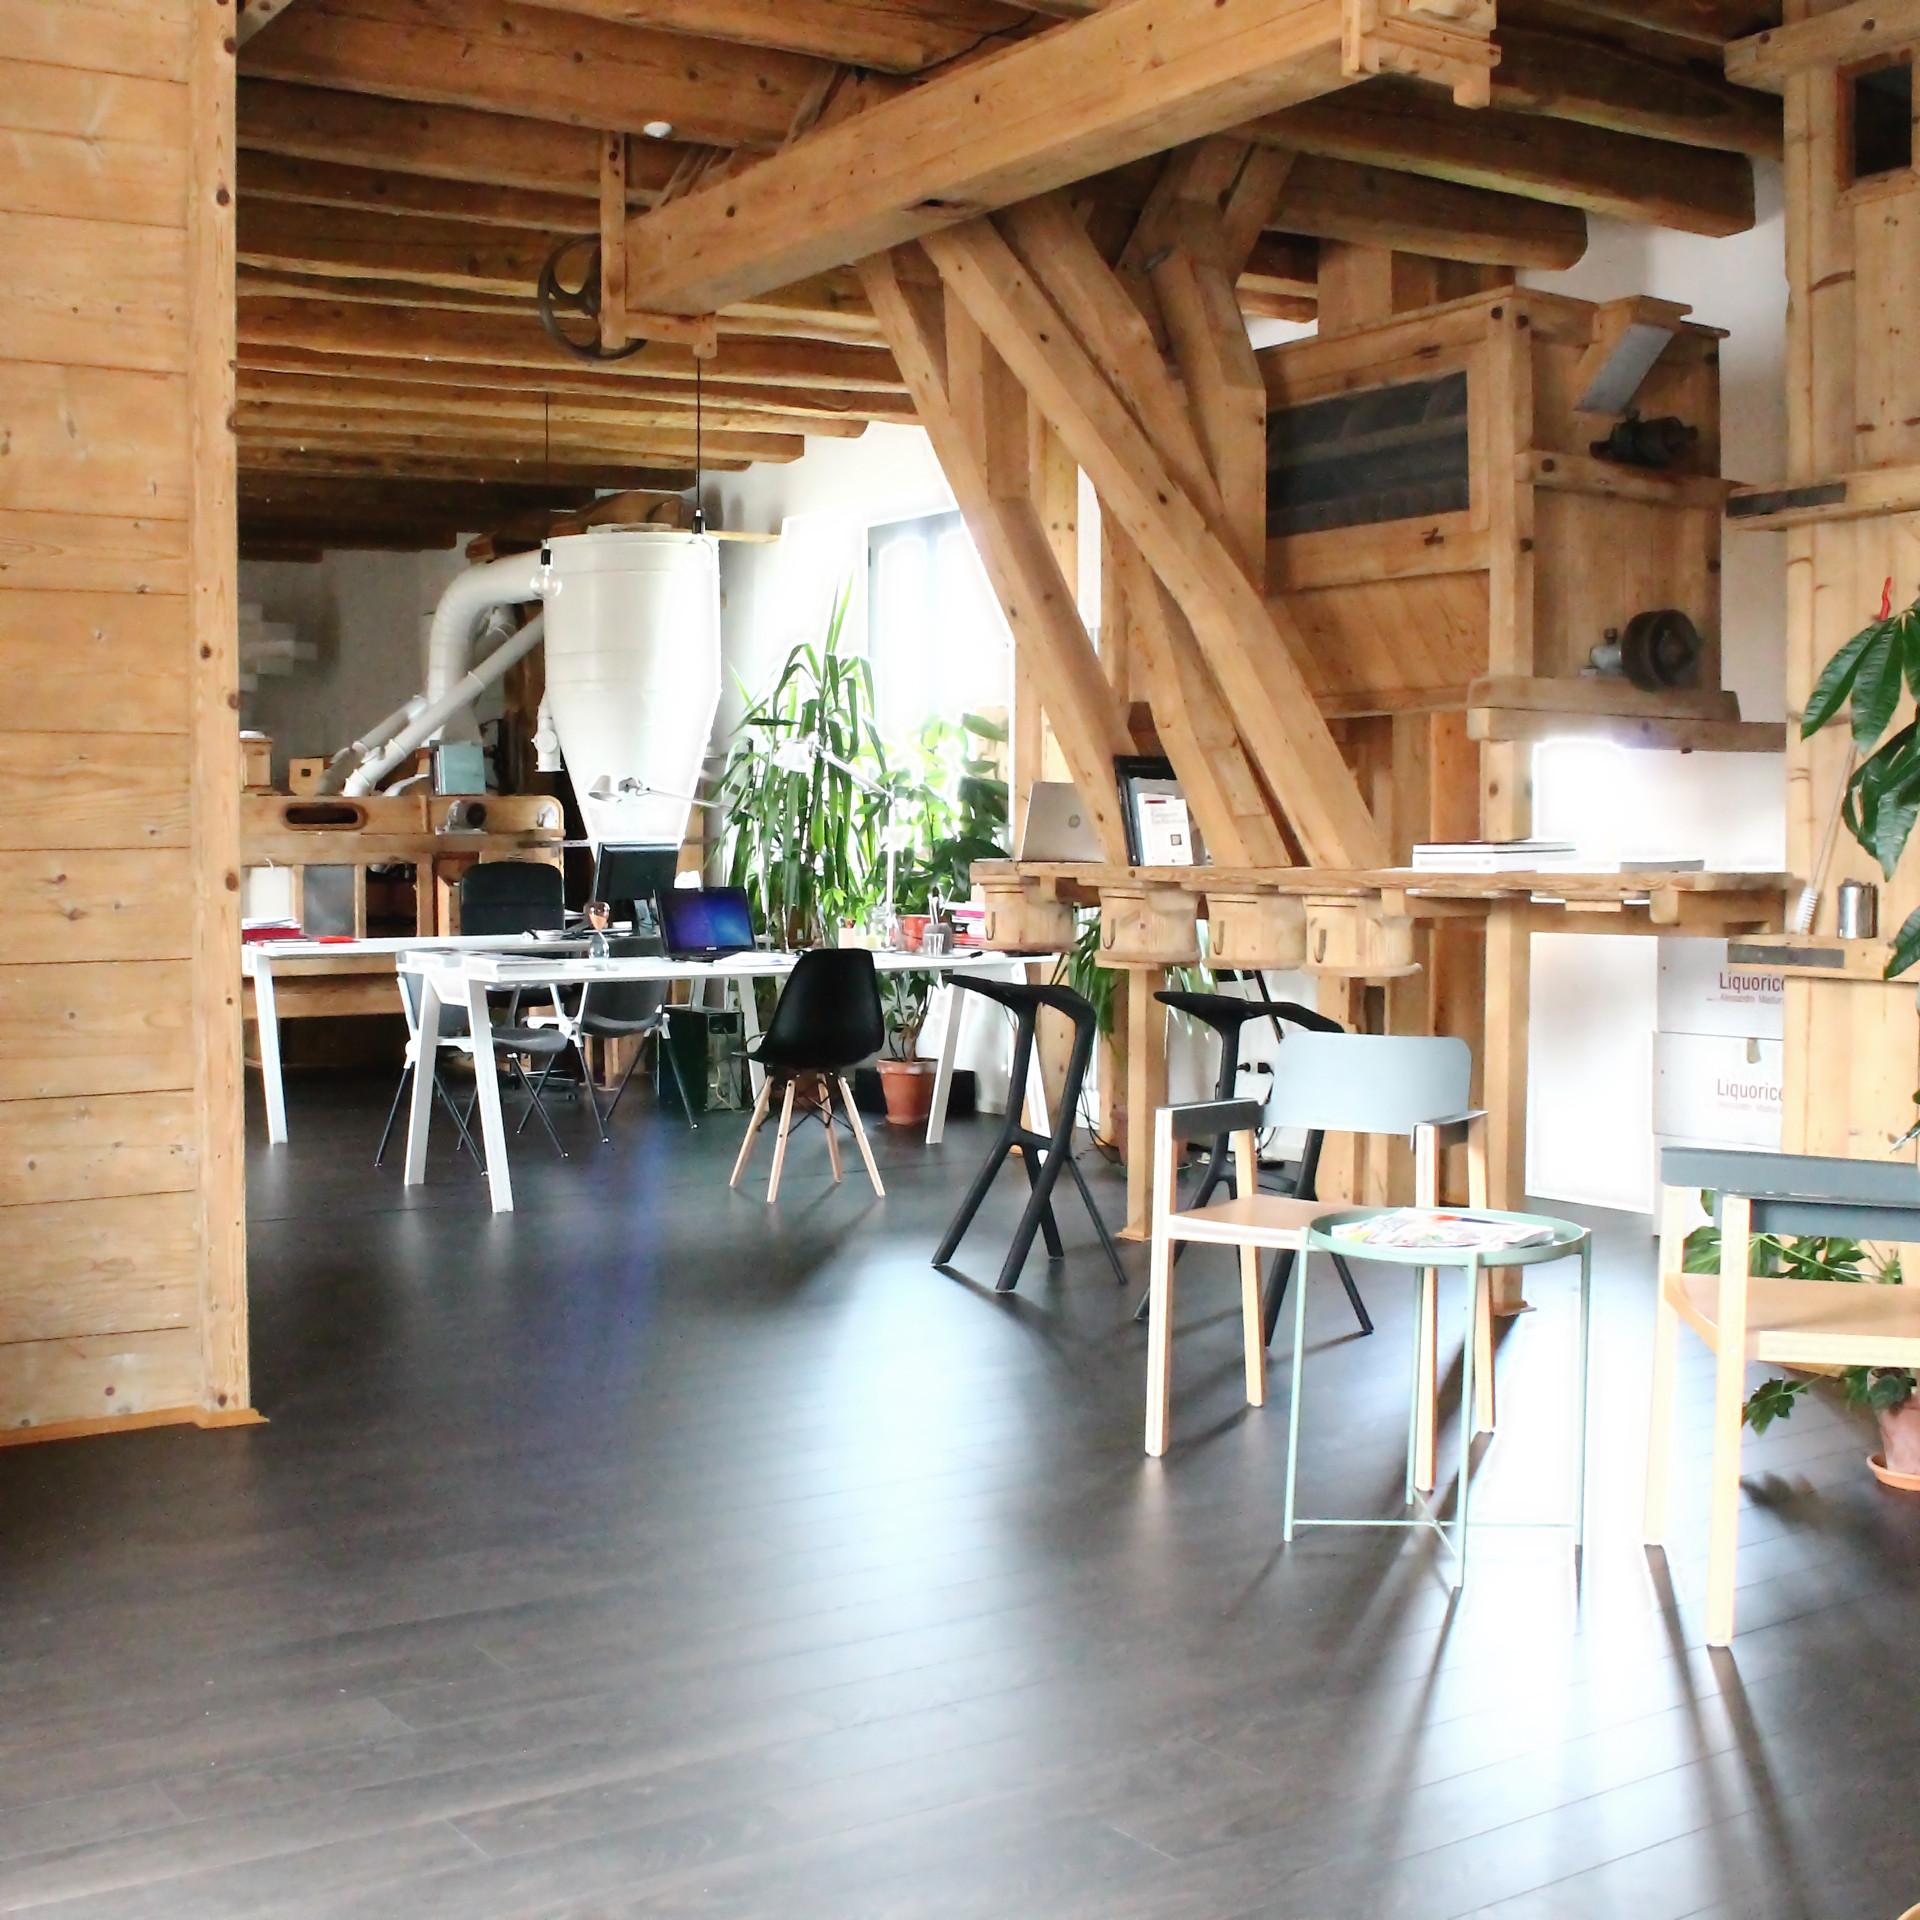 Fotografia dello studio presso il Mulino di Gruaro